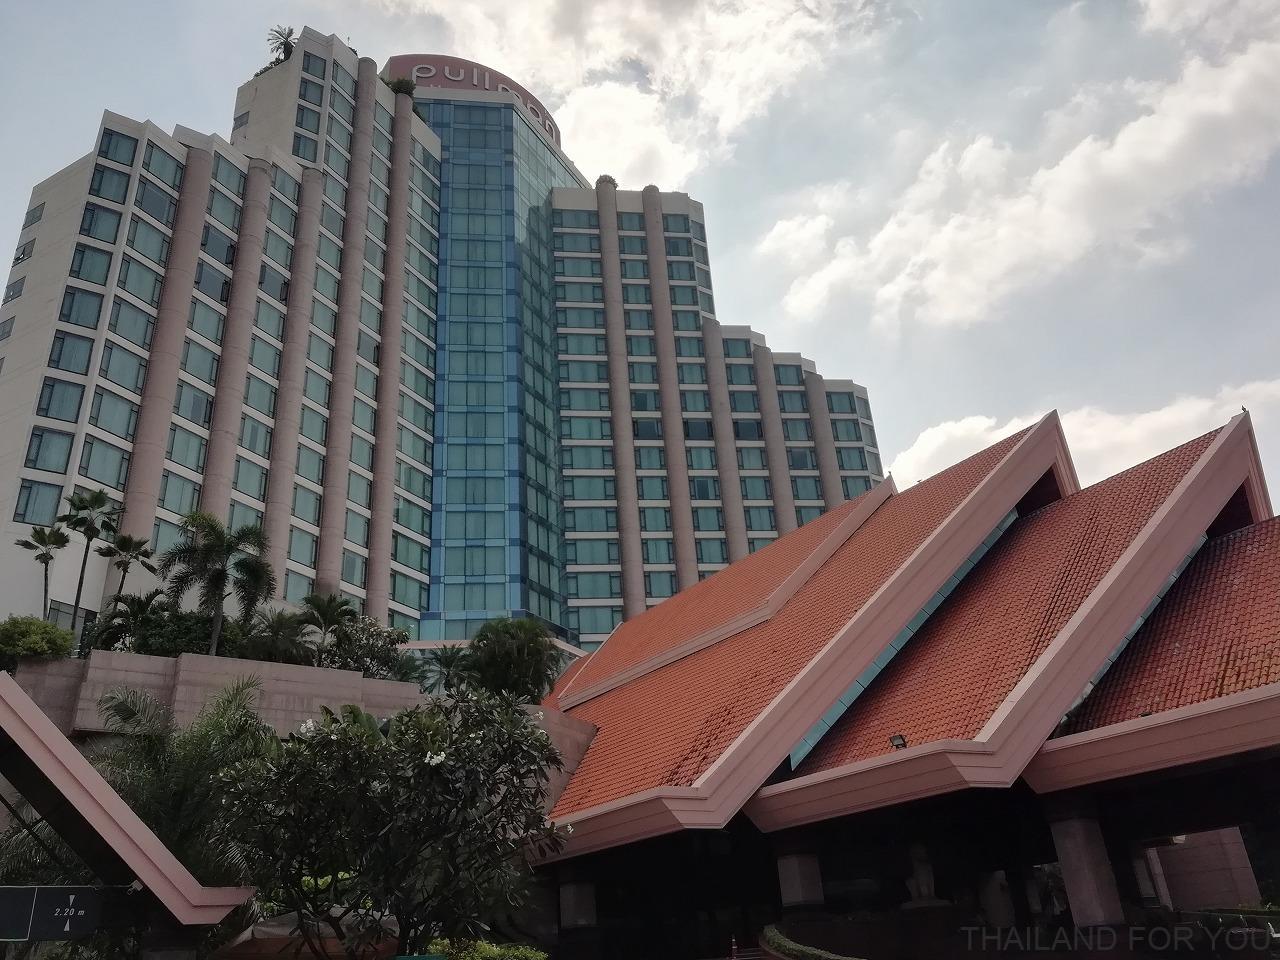 コンケン プルマンホテル